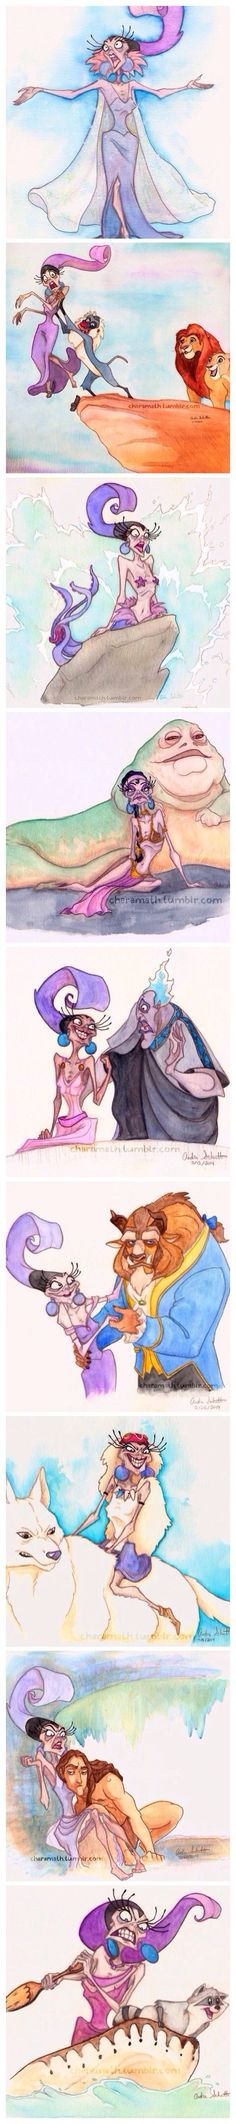 Isma debería ser la protagonista de todas las historias Disney y otras mas....